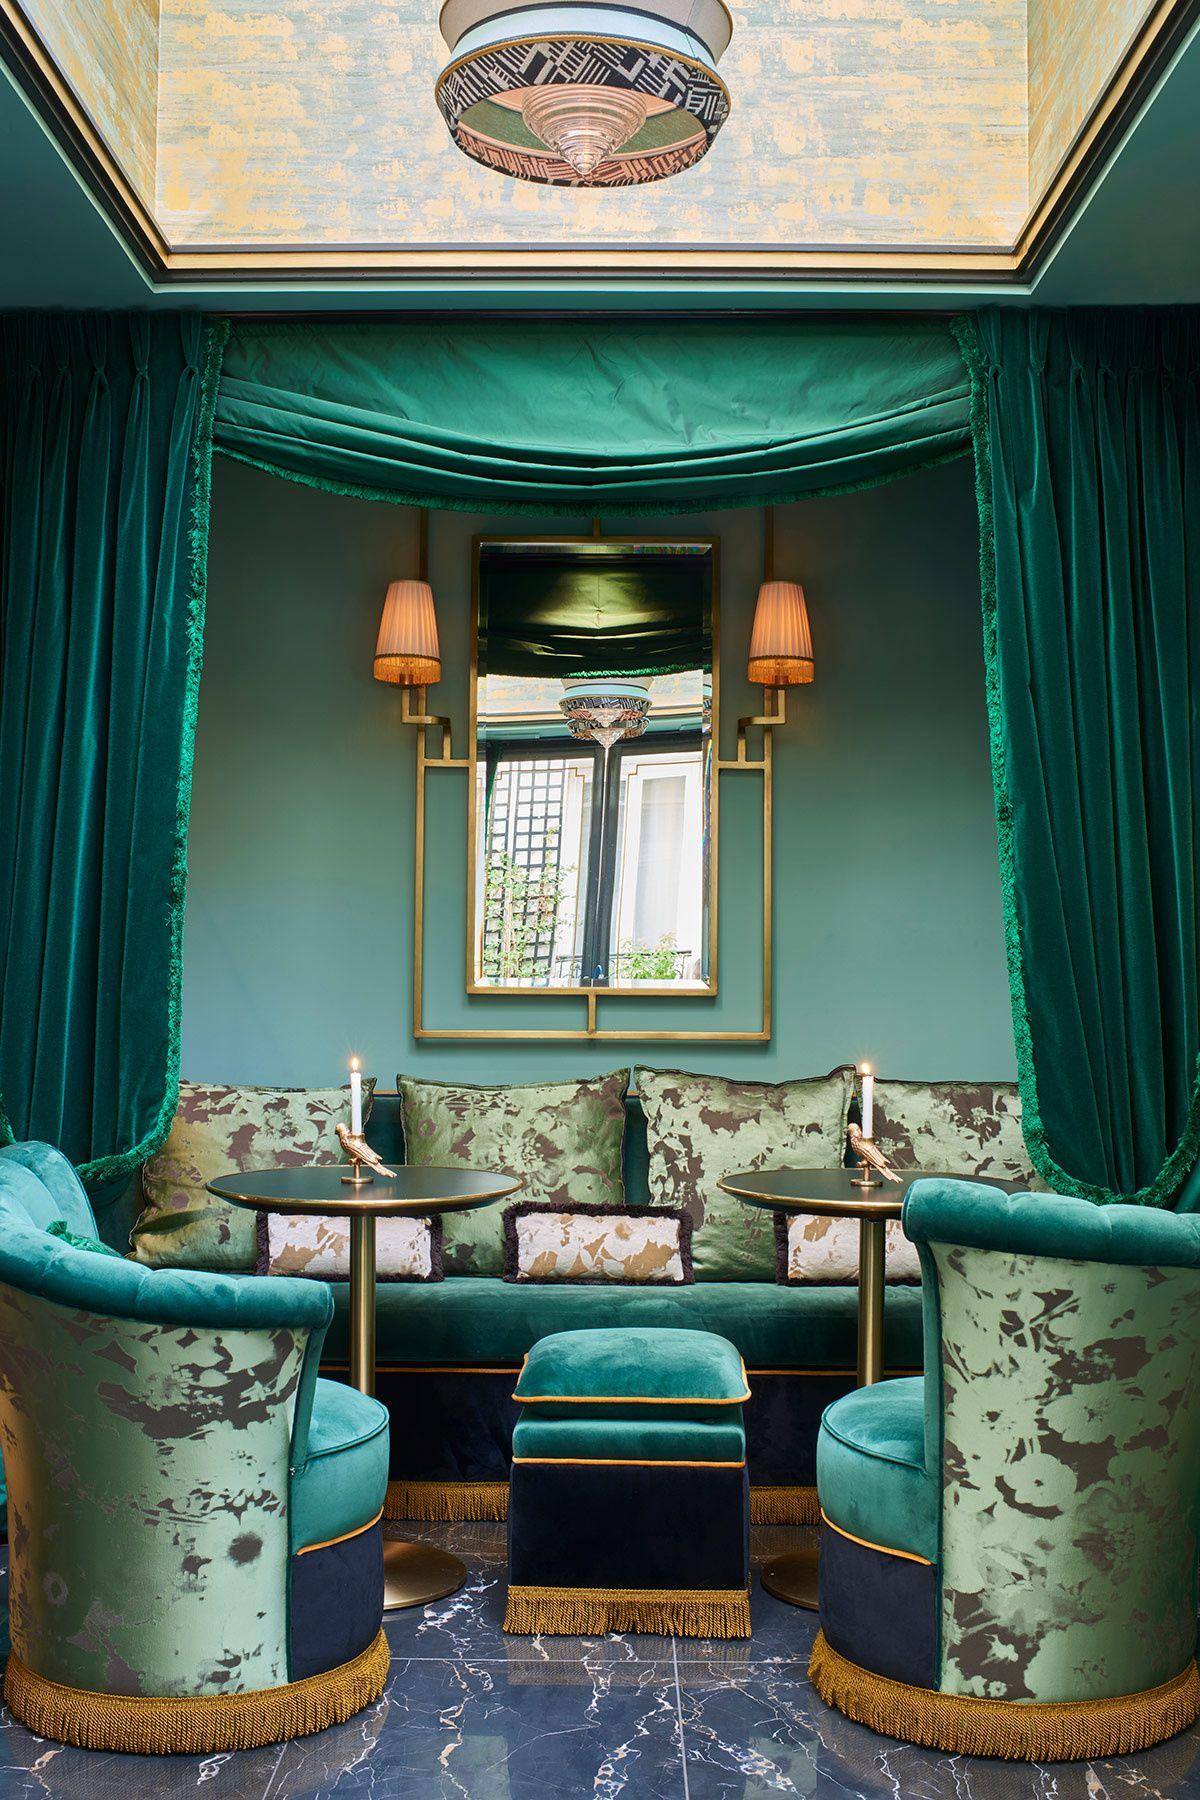 Maison nabis en parís un hotel que cuenta historias scenes